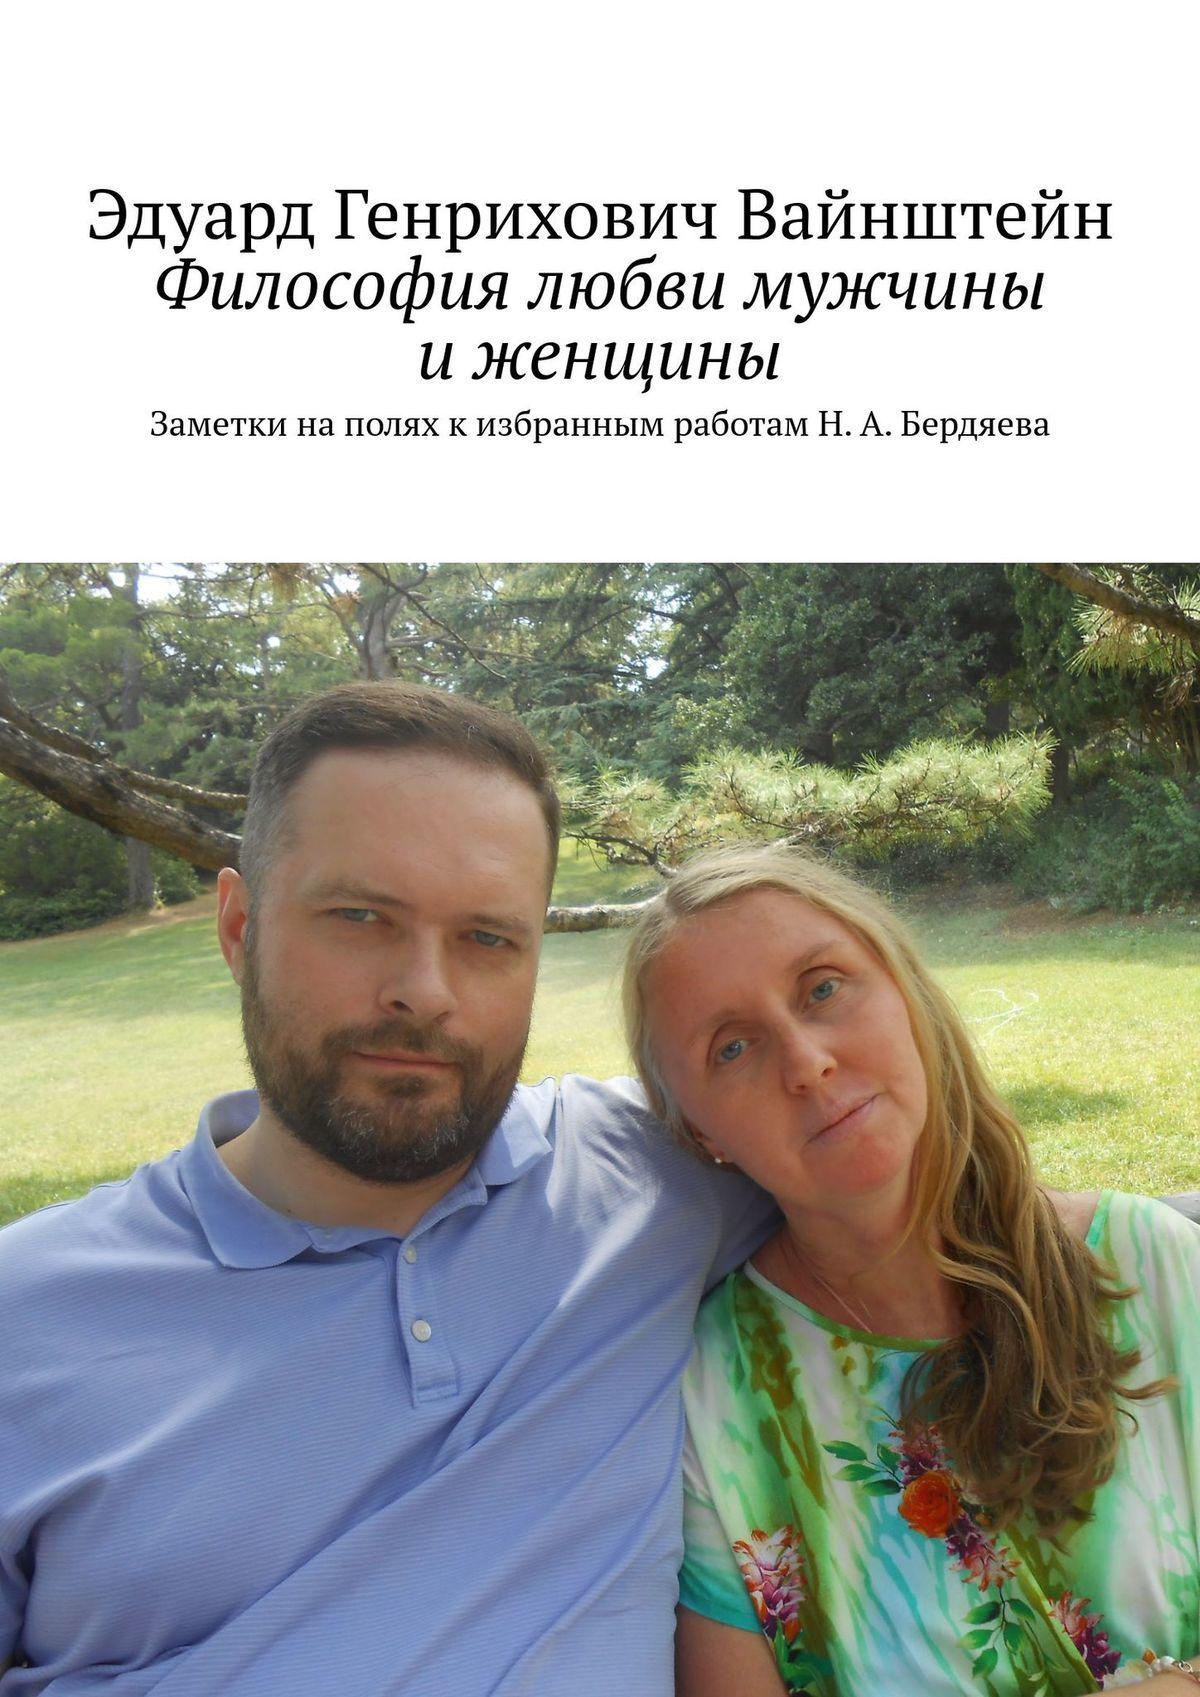 Философия любви мужчины иженщины. Заметки наполях кизбранным работам Н. А. Бердяева